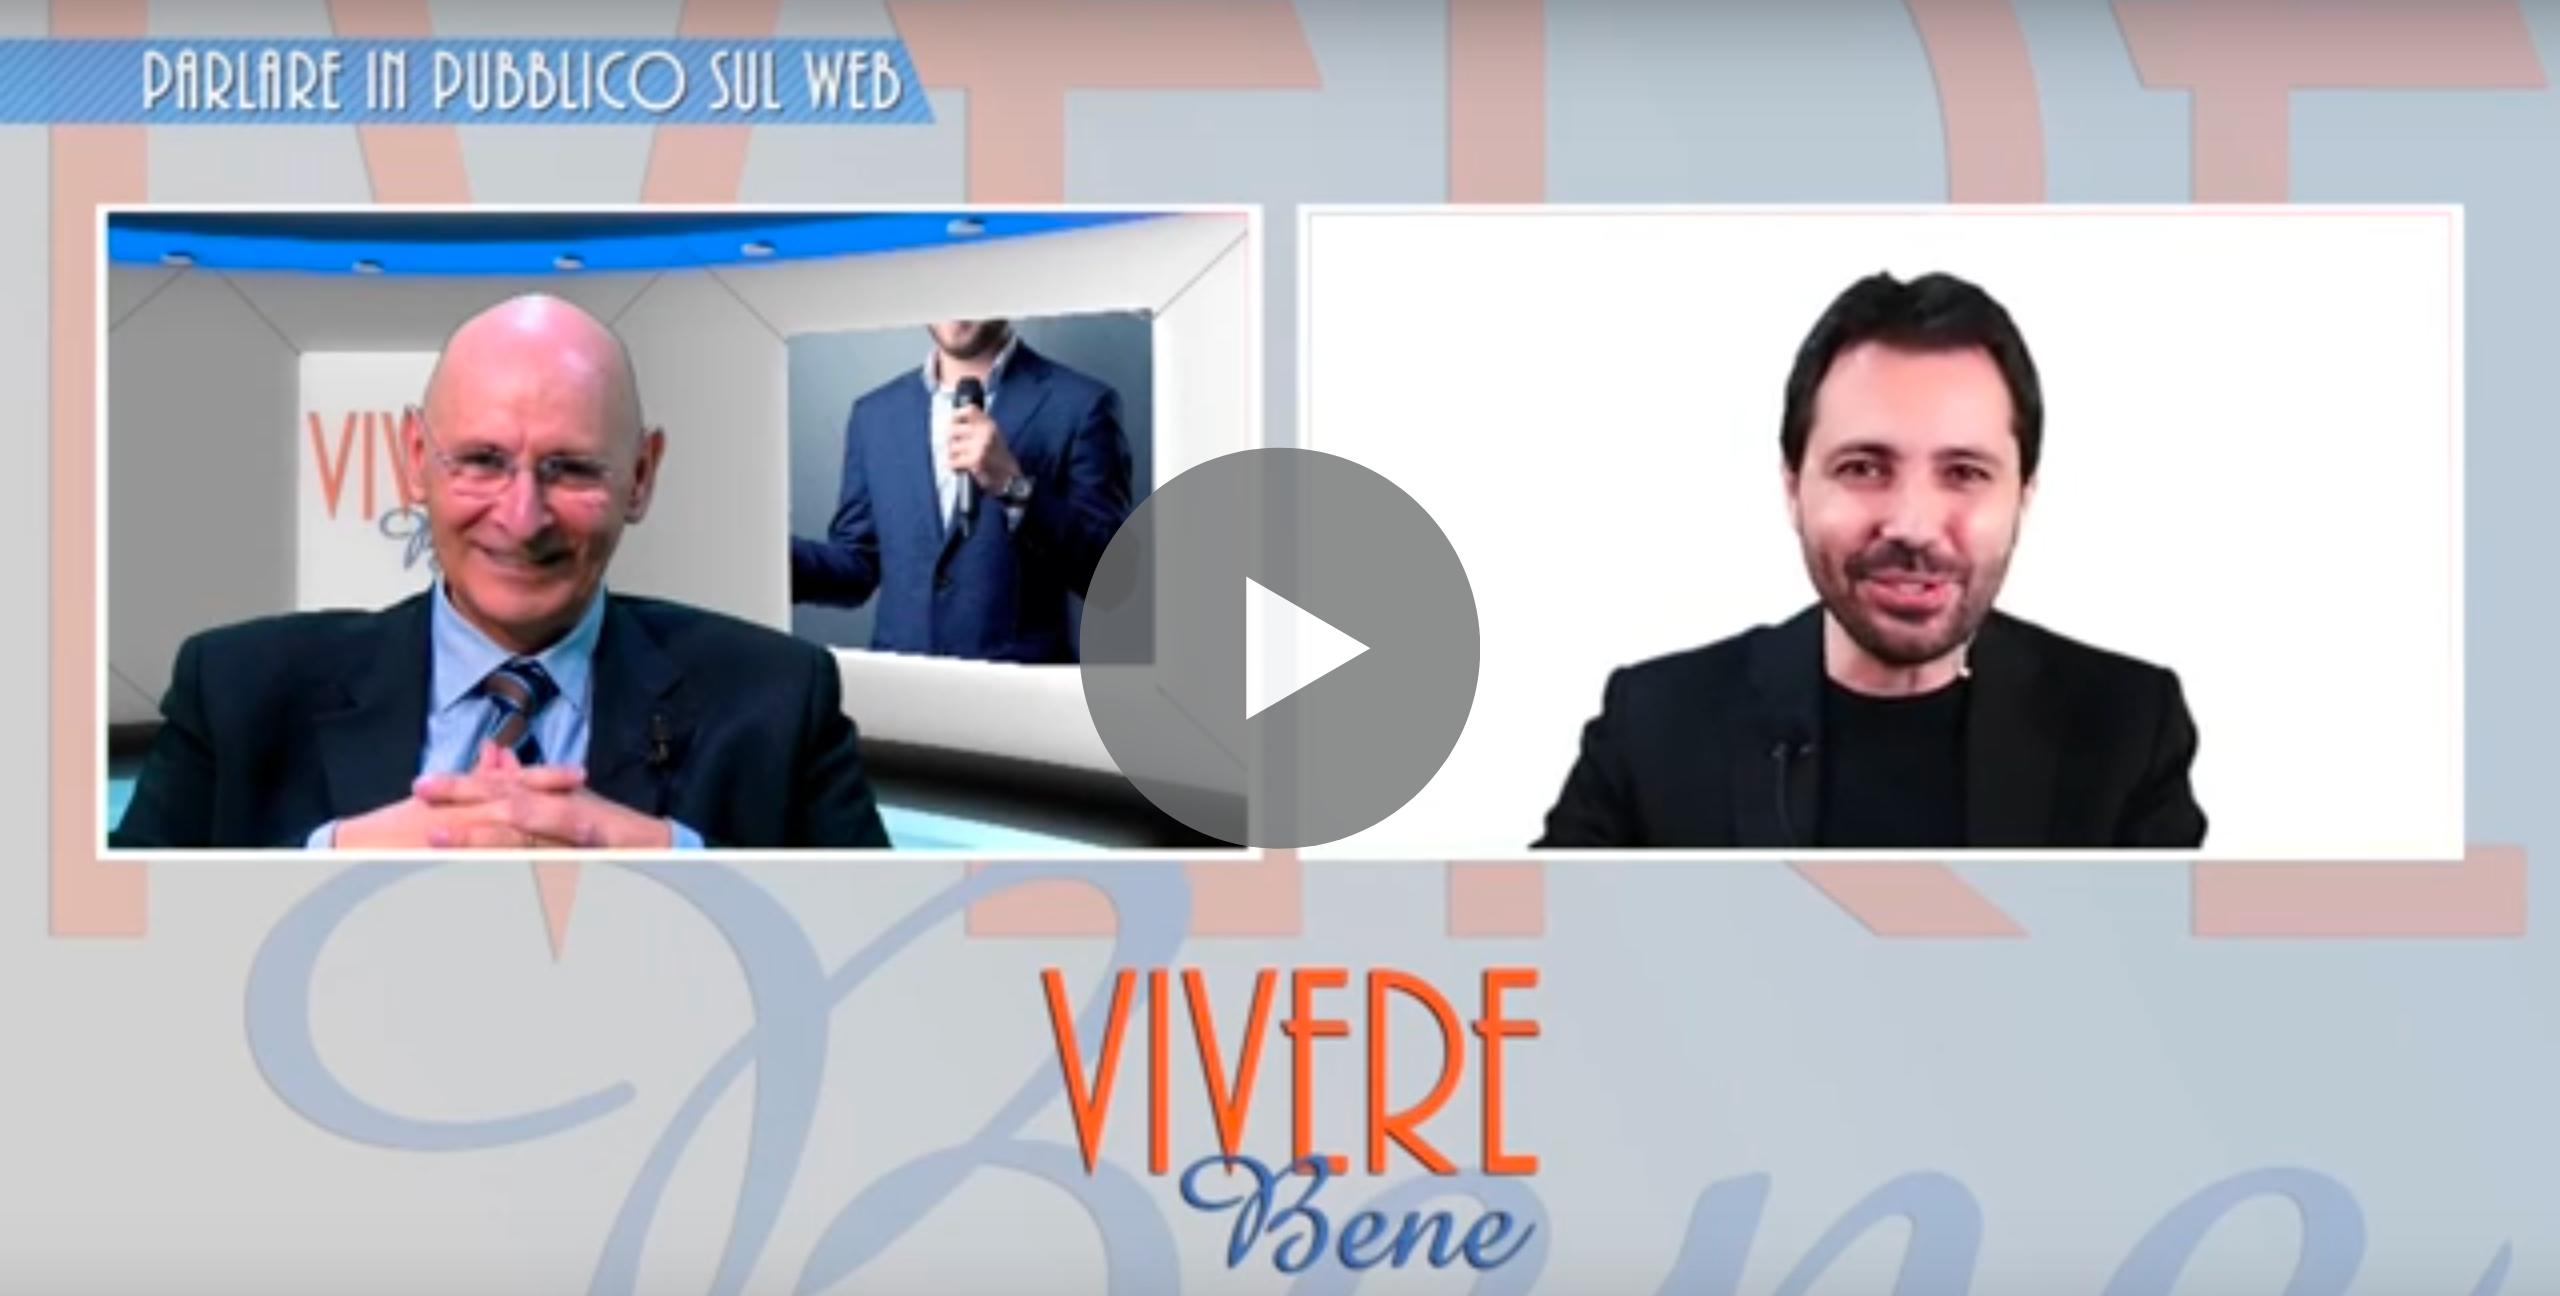 Intervista a Patrick Facciolo